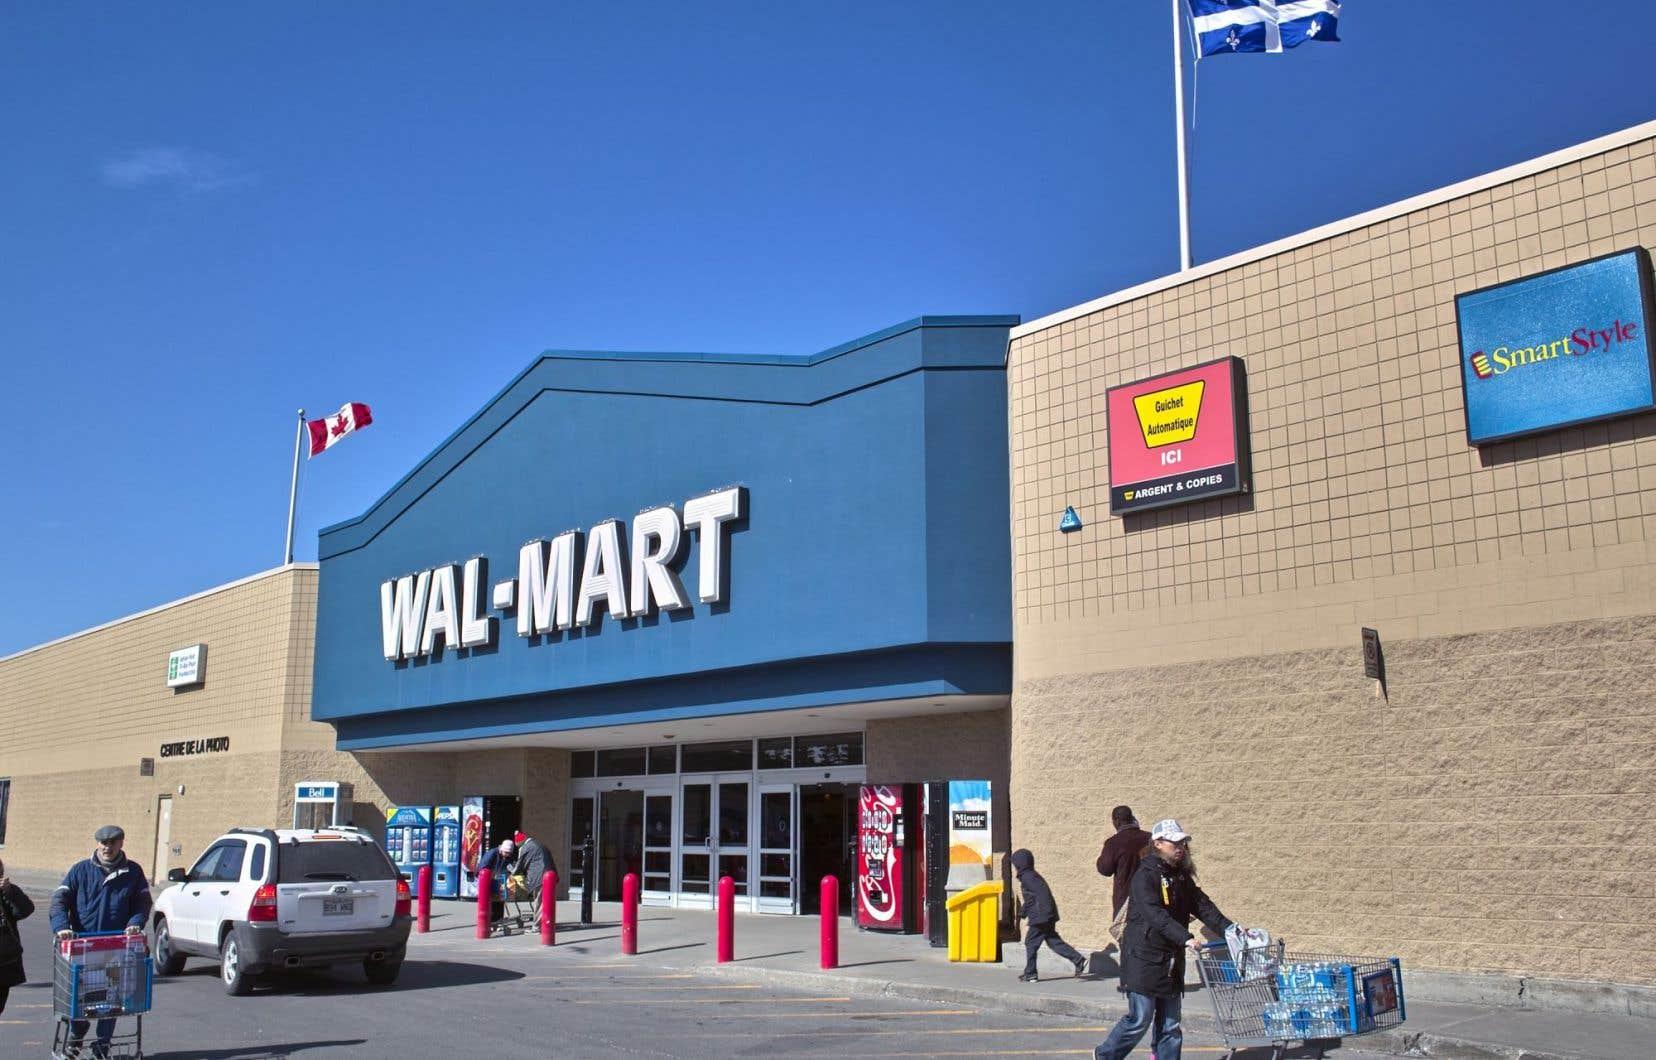 Les chaînes comme WalMart, Costco et Best Buy échappent à la loi 101 parce qu'elles utilisent leur marque de commerce.